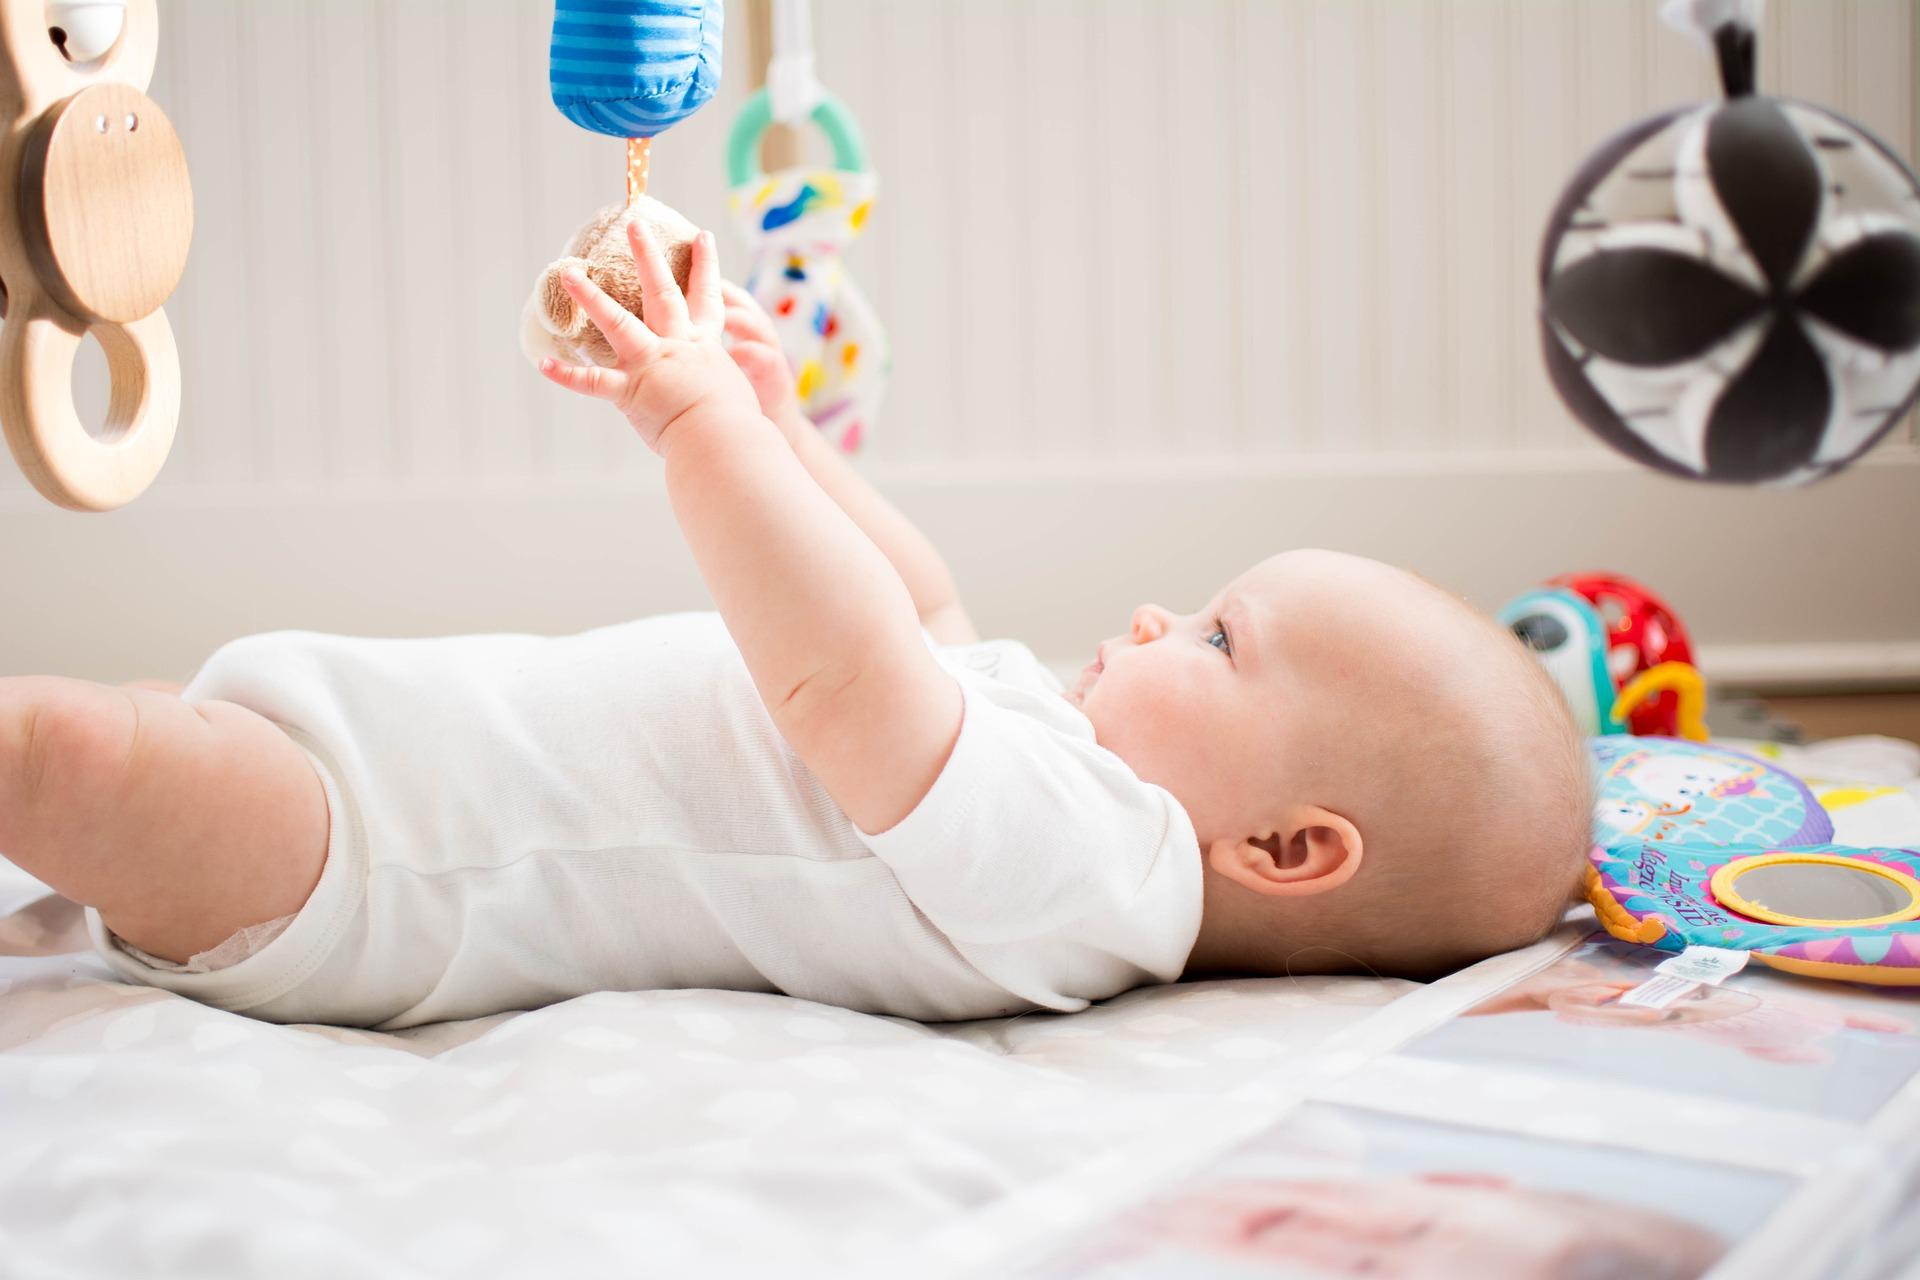 Na foto um bebê deitado brincando com um móbile.